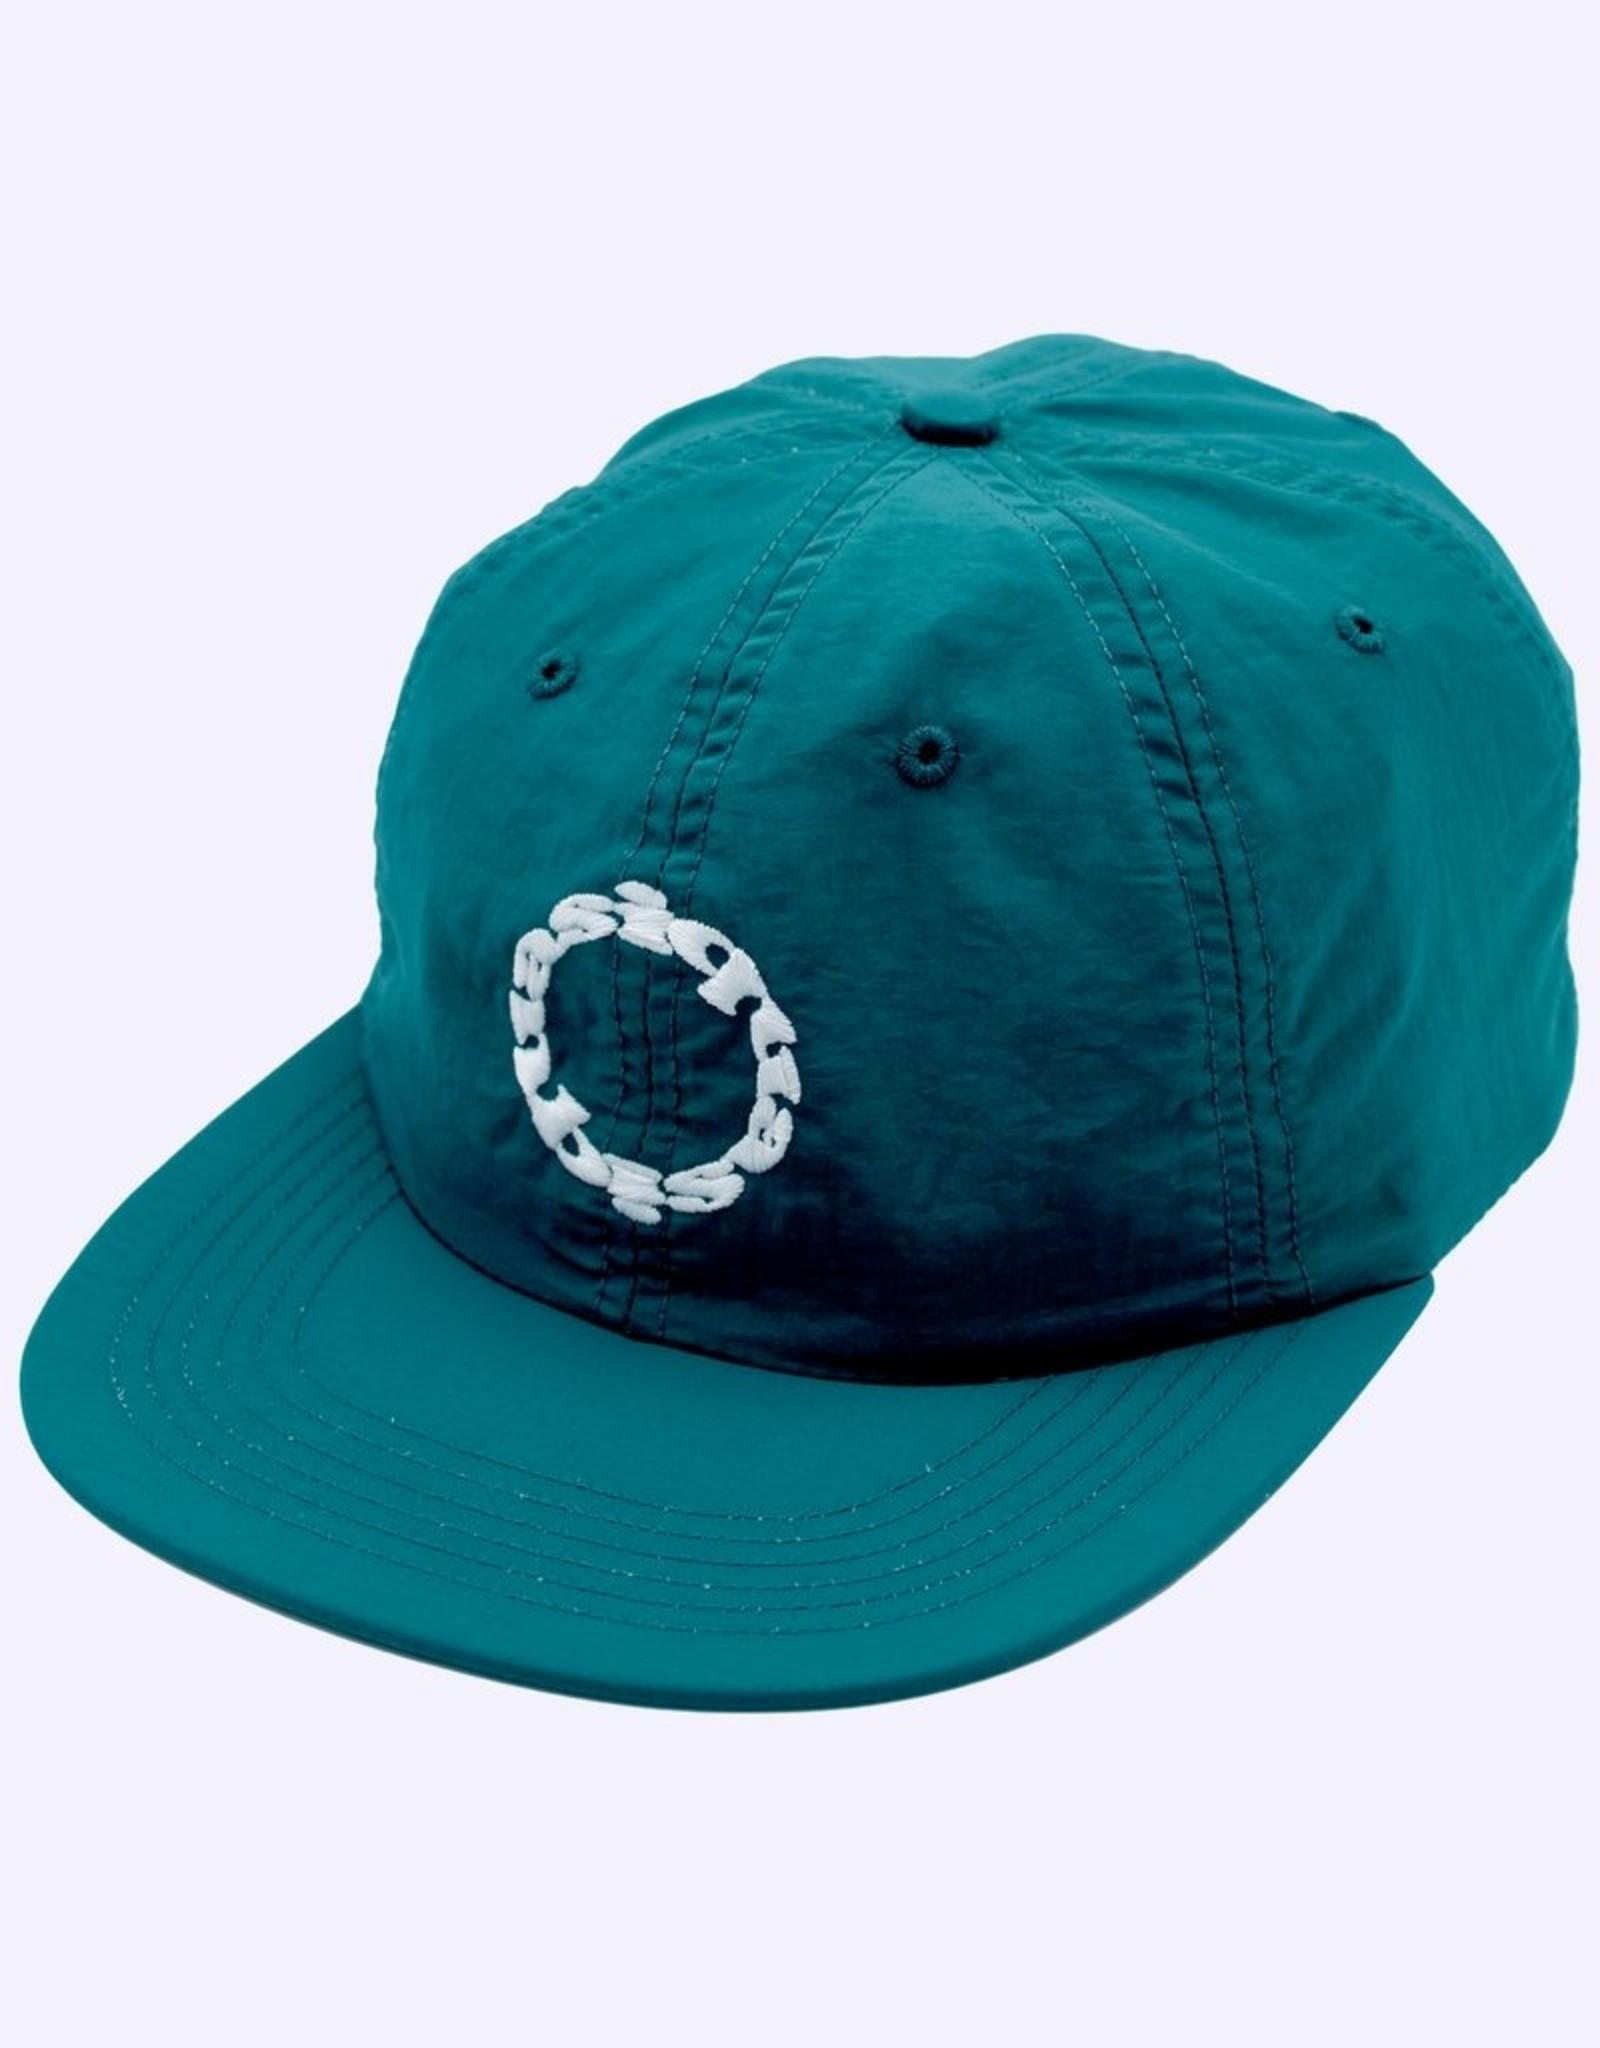 QUASI SKATEBOARDS QUASI TRAX 6 PANNEL HAT - TEAL